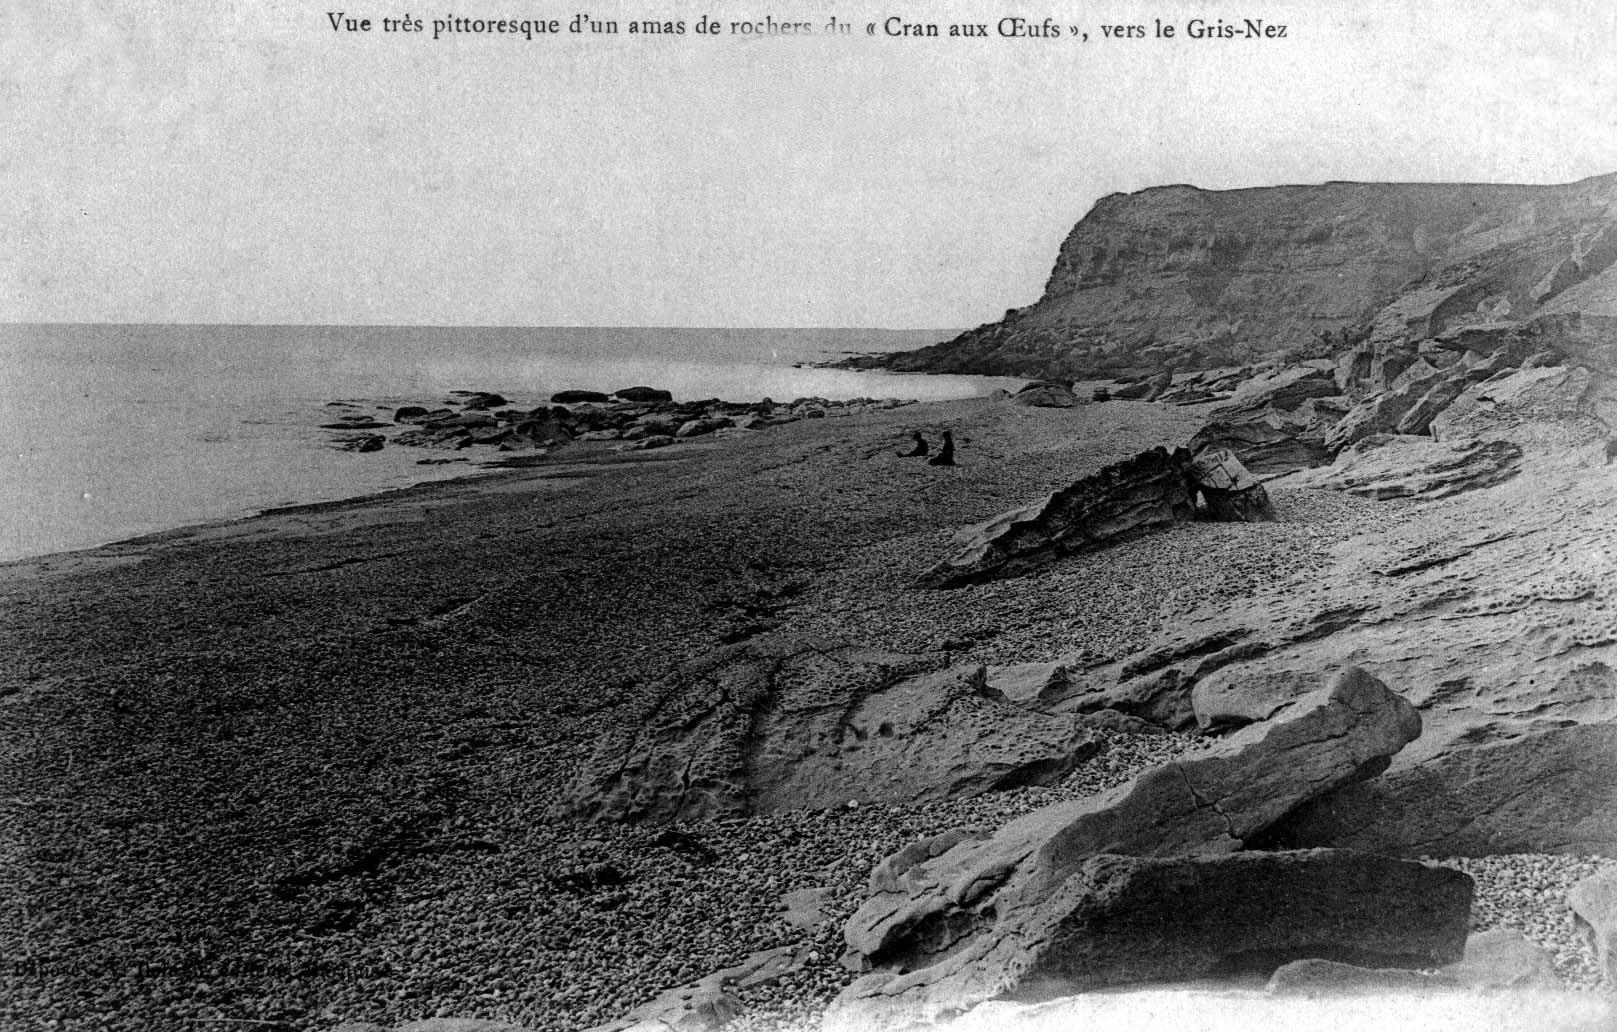 Vue pittoresque d'un amas de rochers au cran aux Oeufs vers le Cap Gris Nez